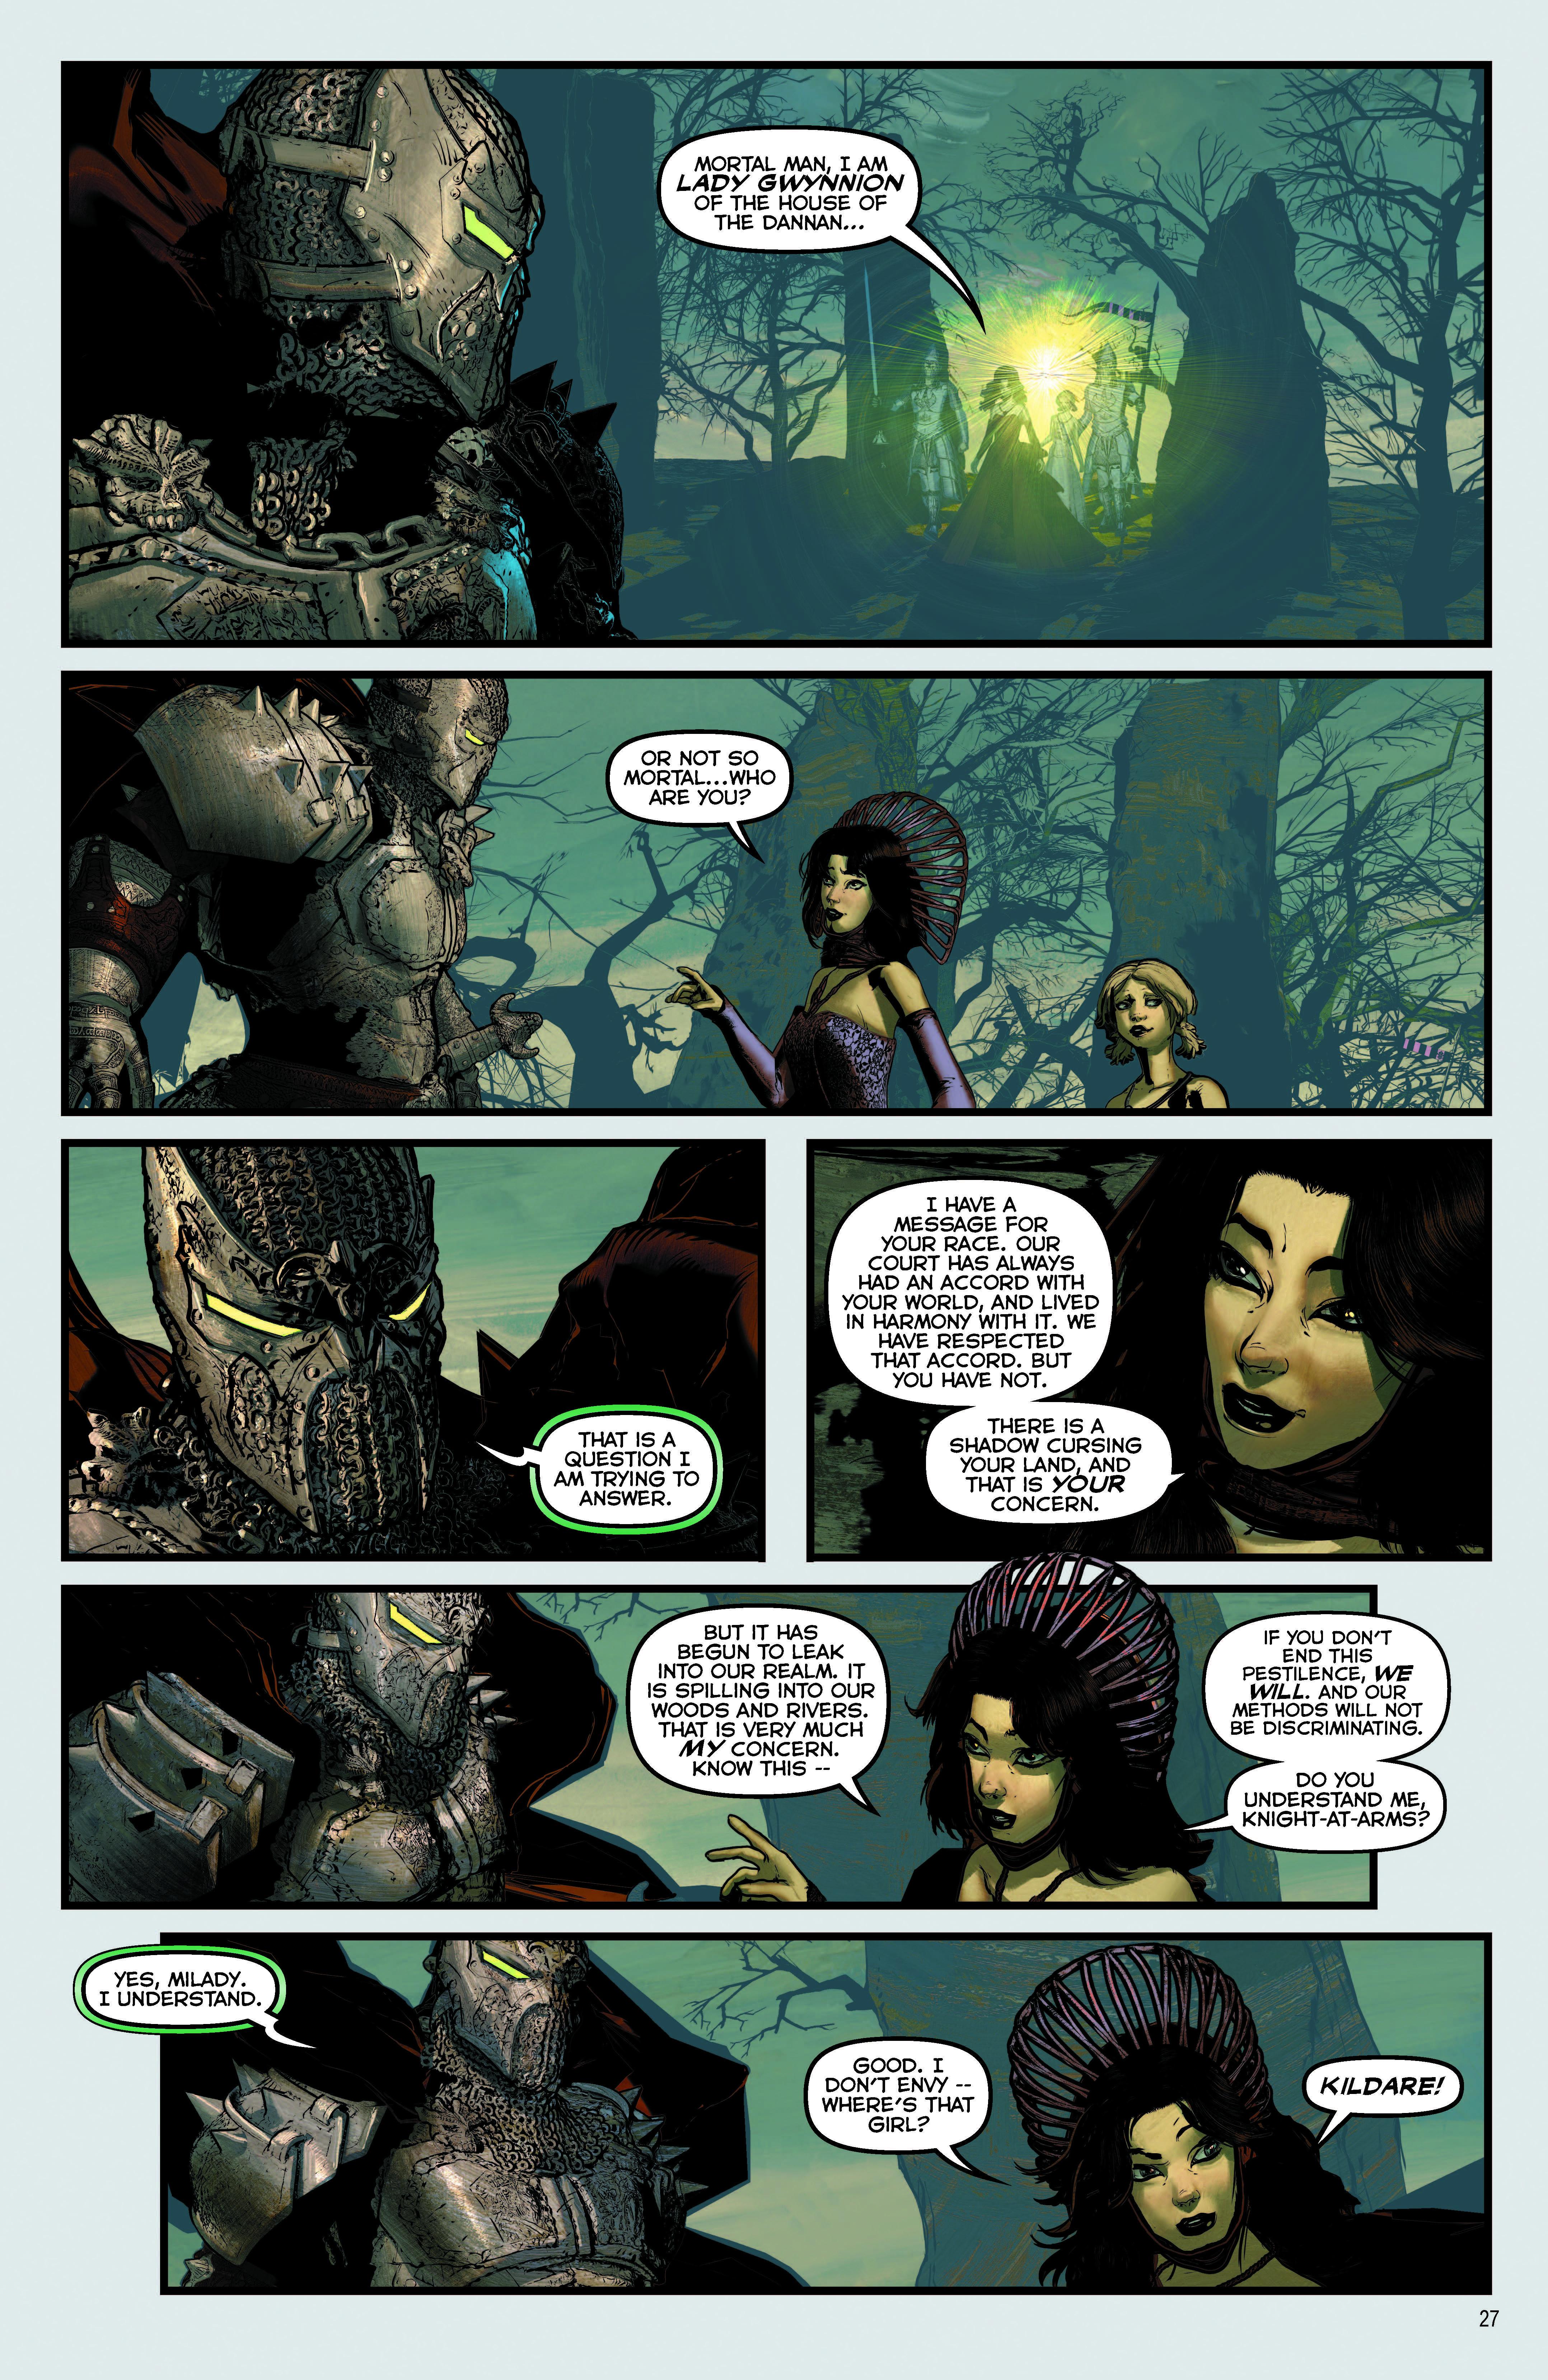 Pages from MedSpawn_WitchBlade_01_DE-4